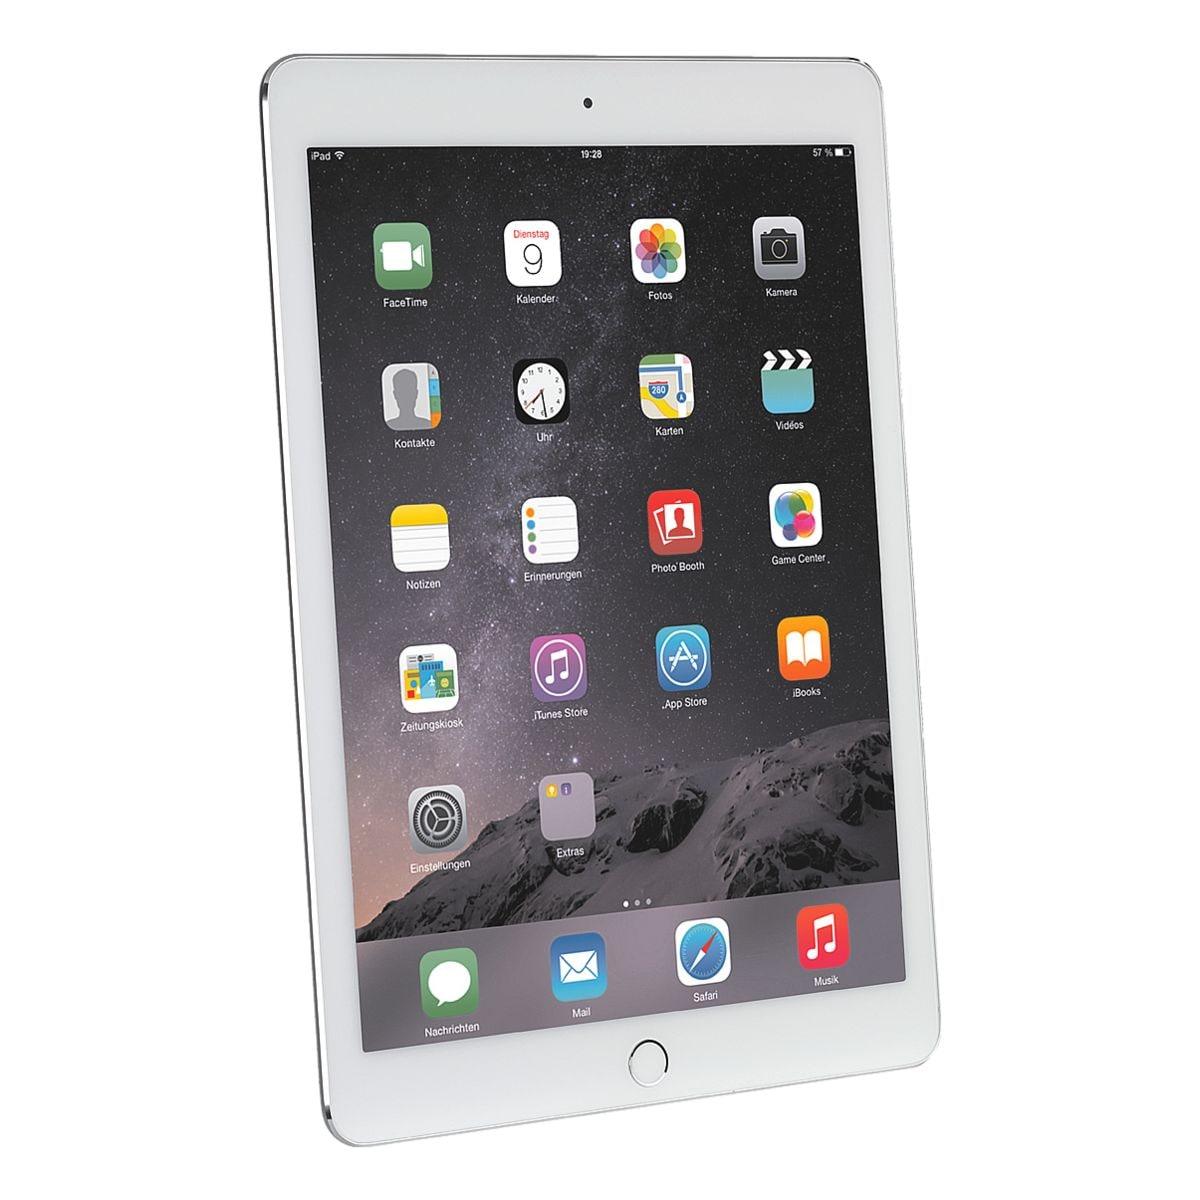 Apple iPad Air 2019 Wi-Fi 10,5'' (26,67 cm) - 64 GB, silberfb.